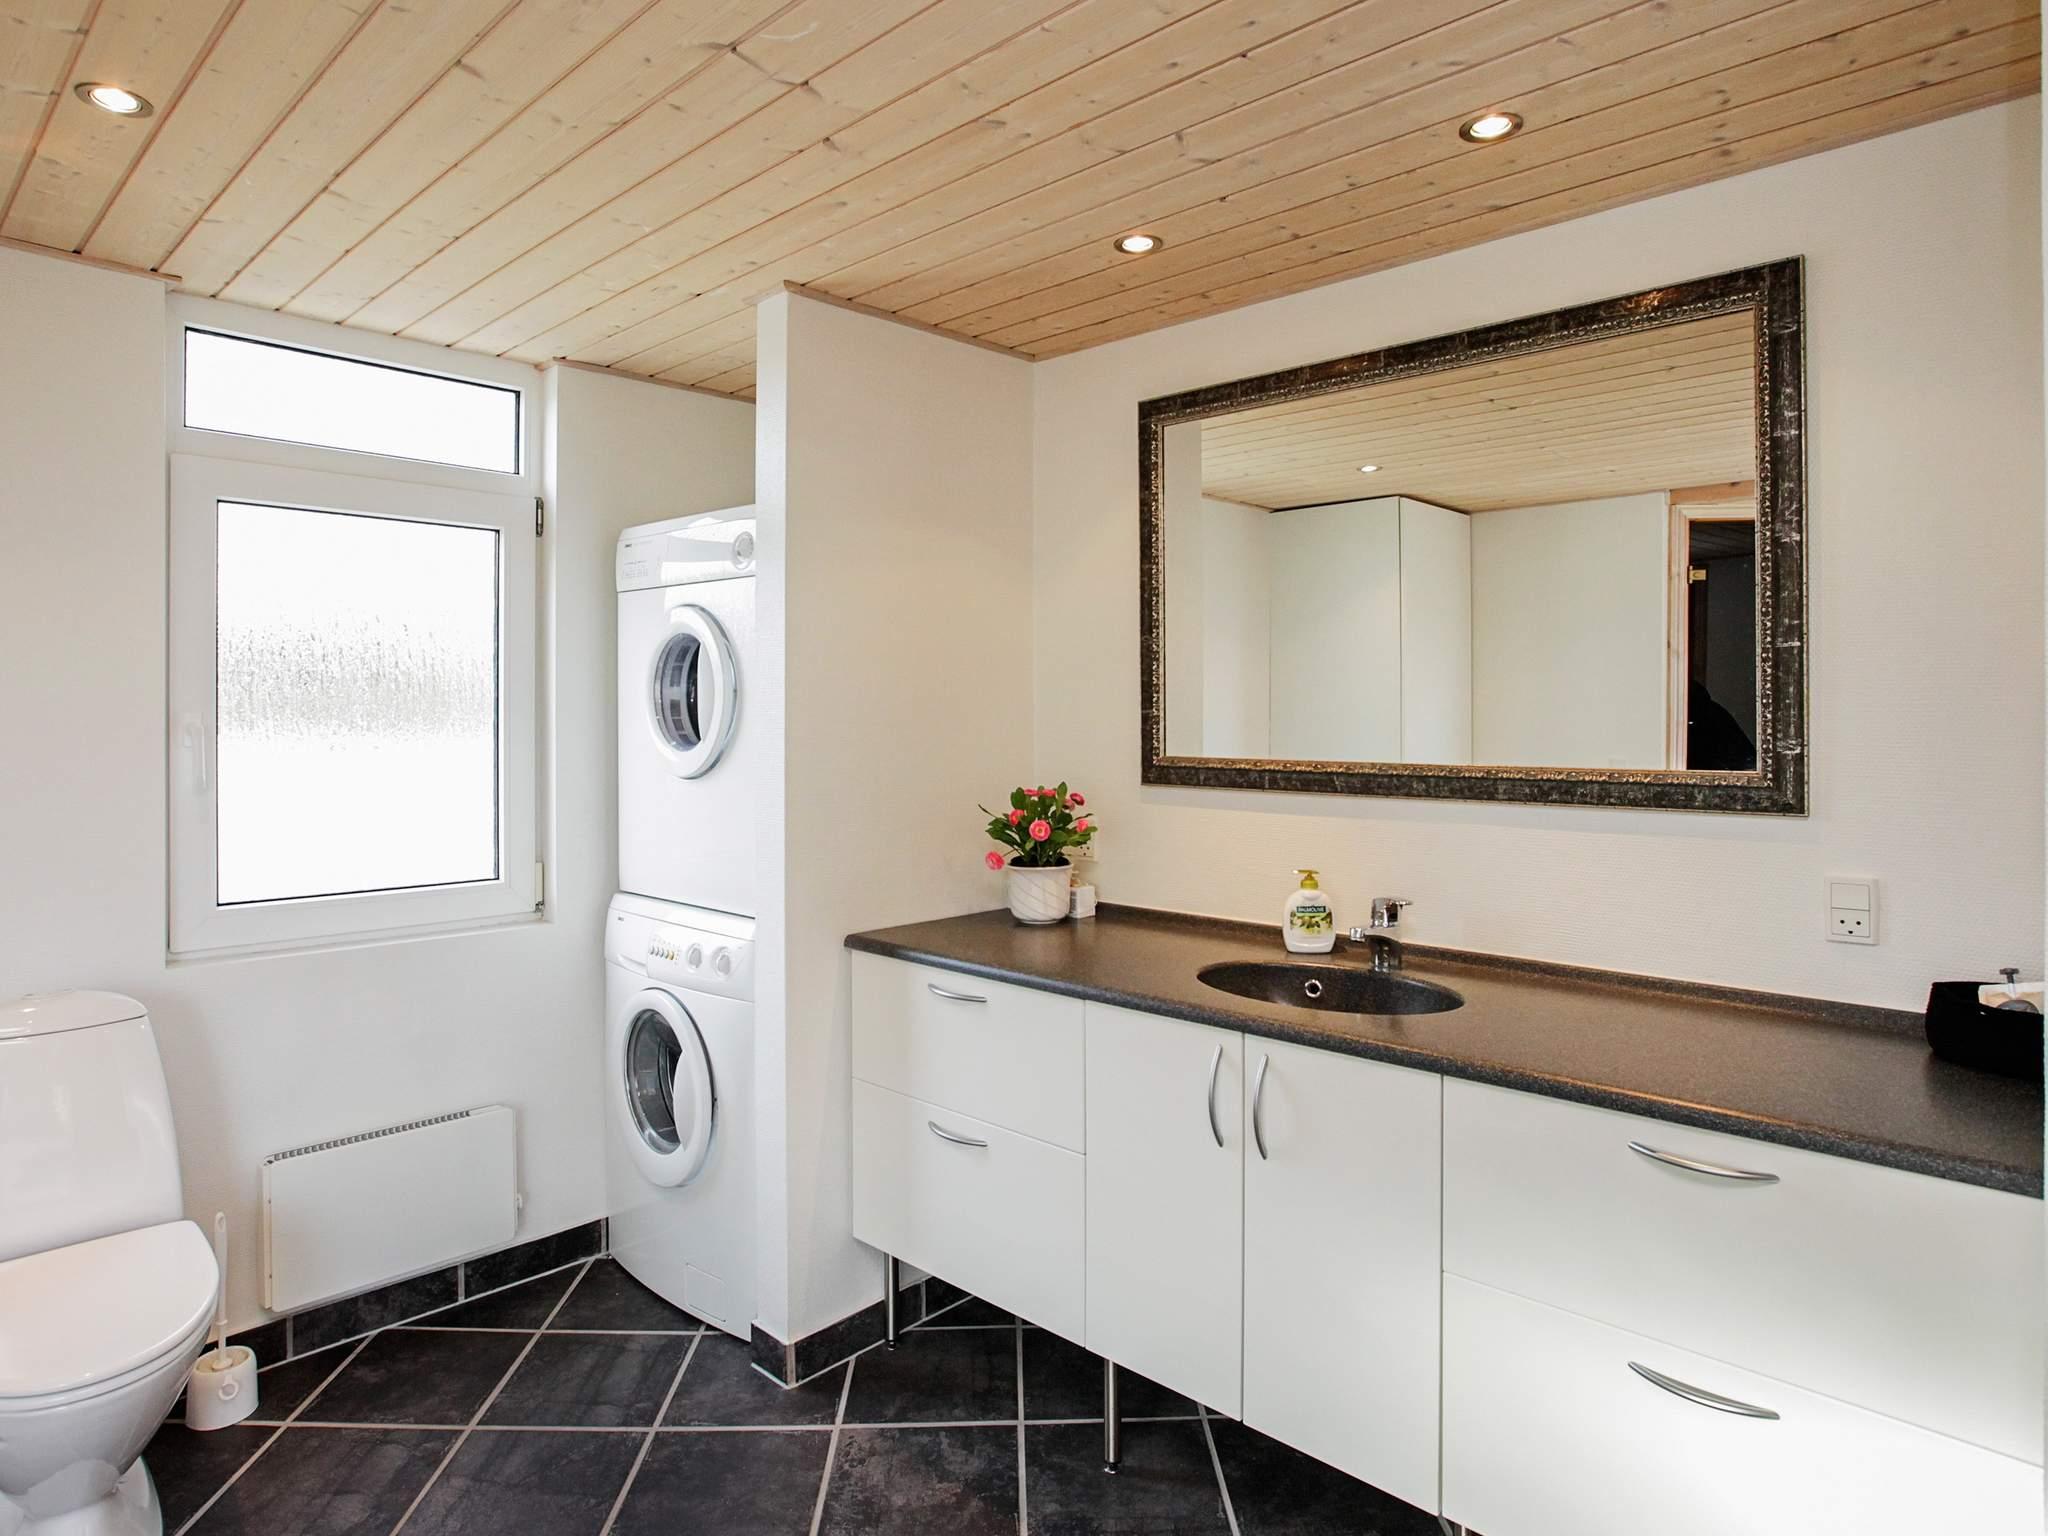 Ferienhaus Lodskovvad (405517), Lodskovvad, , Nordostjütland, Dänemark, Bild 8